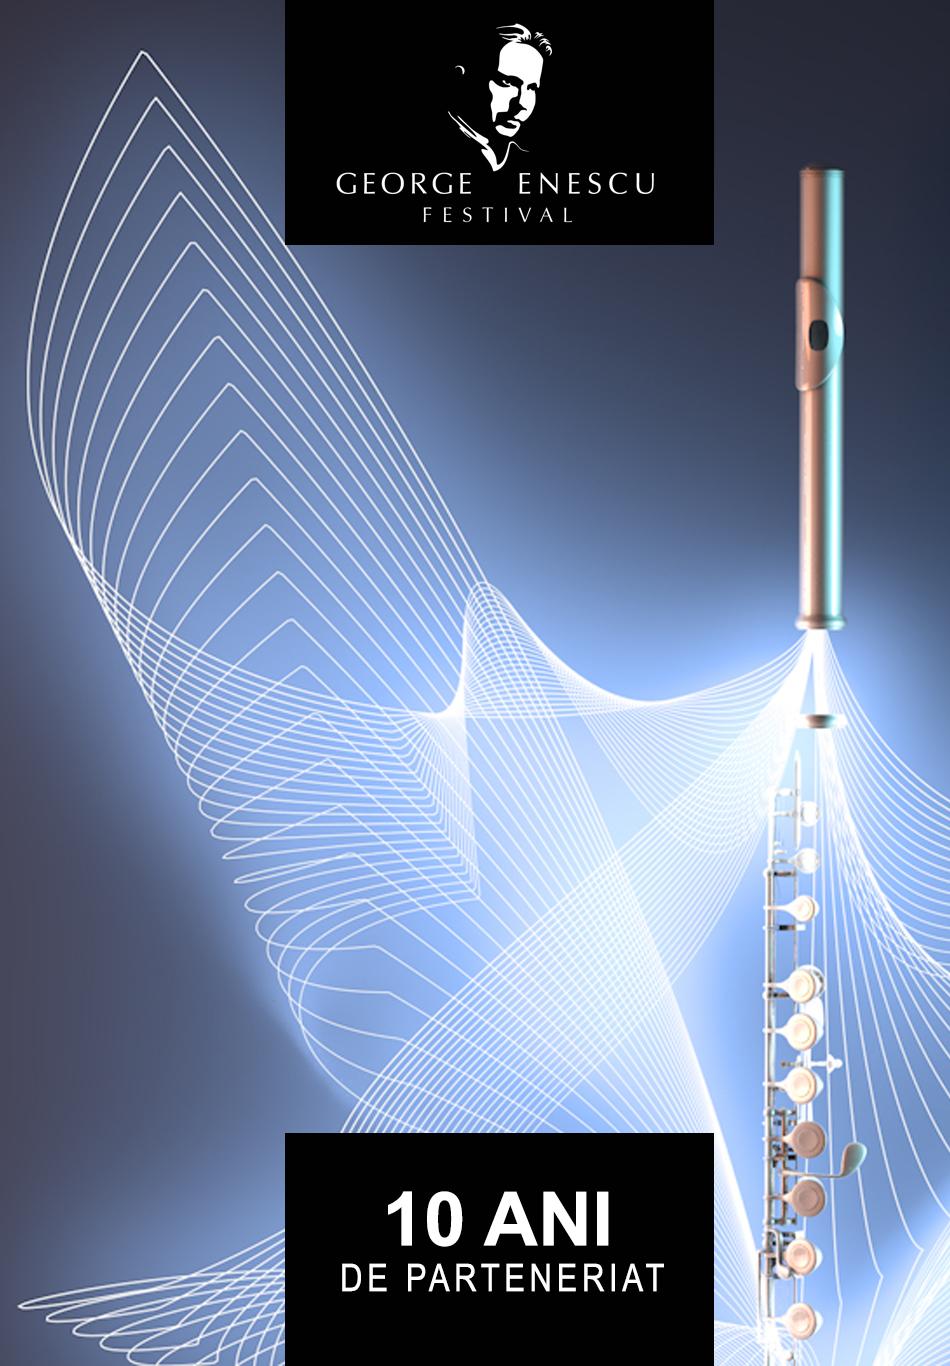 Festivalul George Enescu - 10 ani de parteneriat